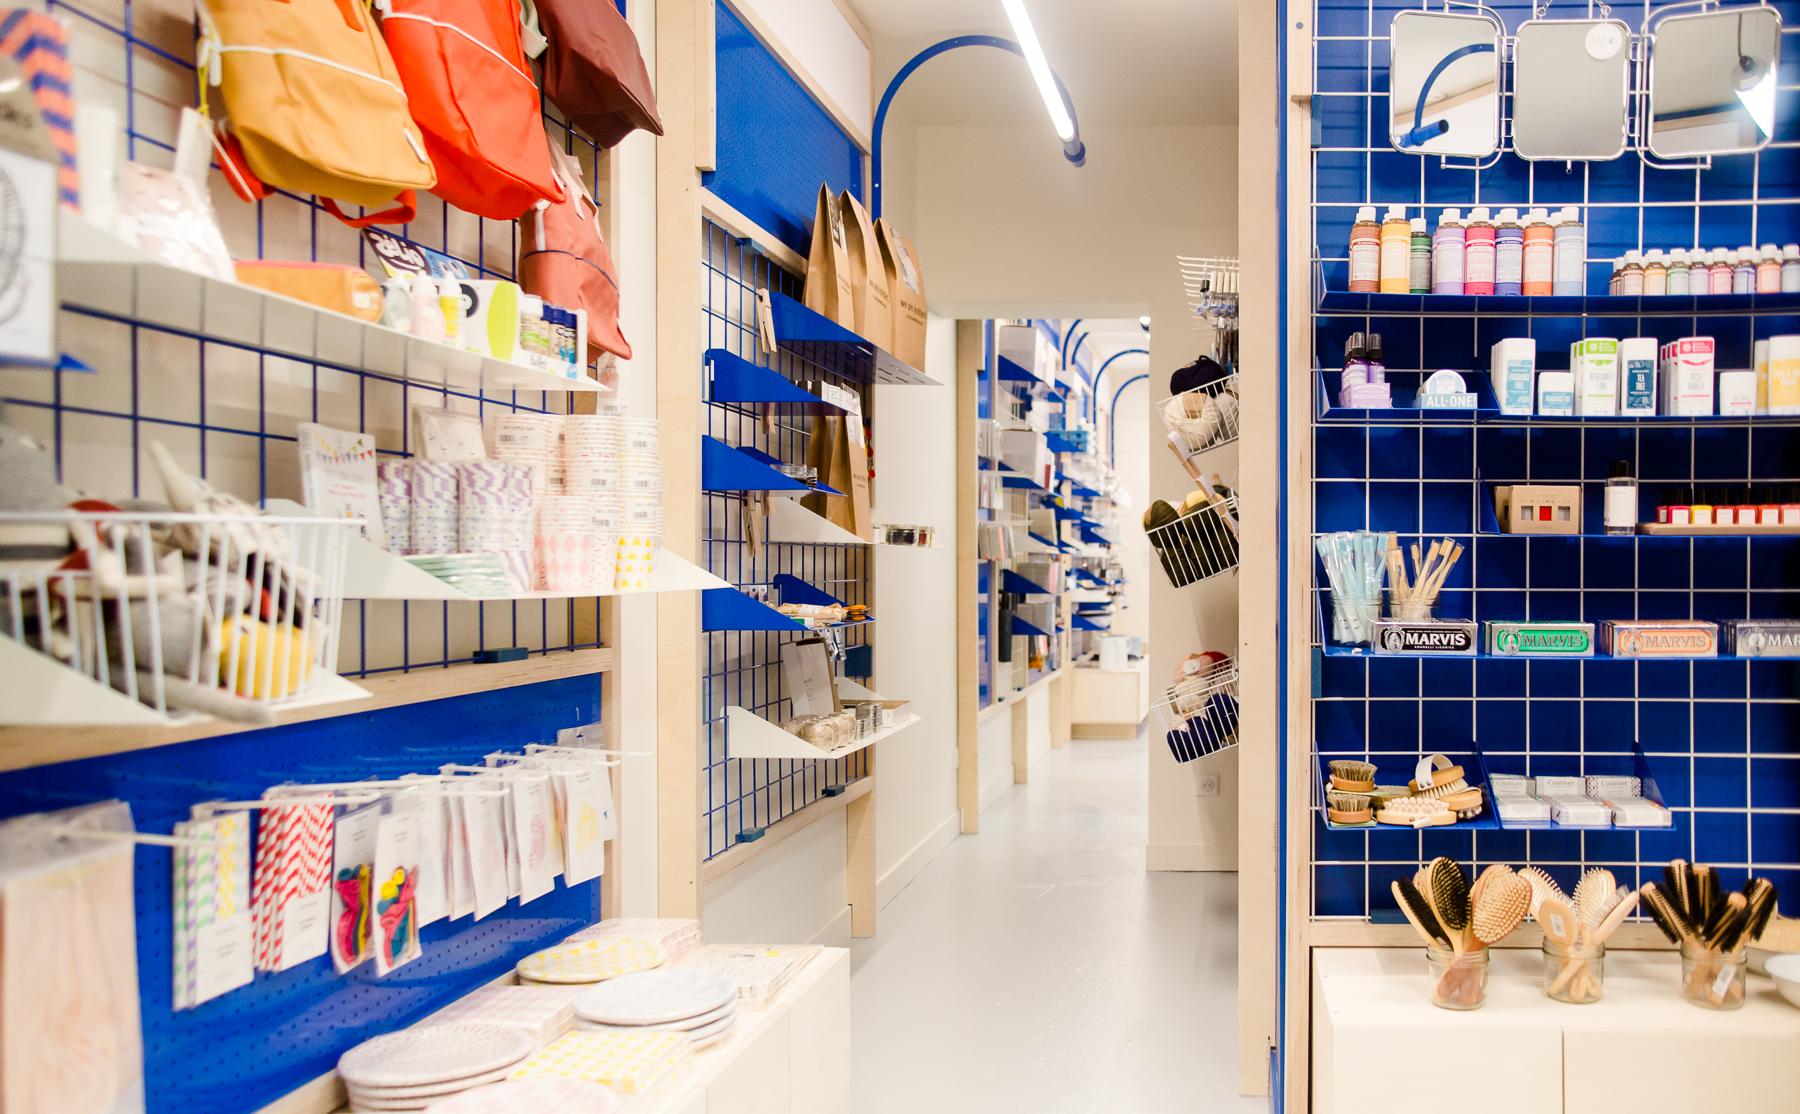 espace mercerie, Design d'espace, présentoirs et étagères, comptoir, design, identité coutume